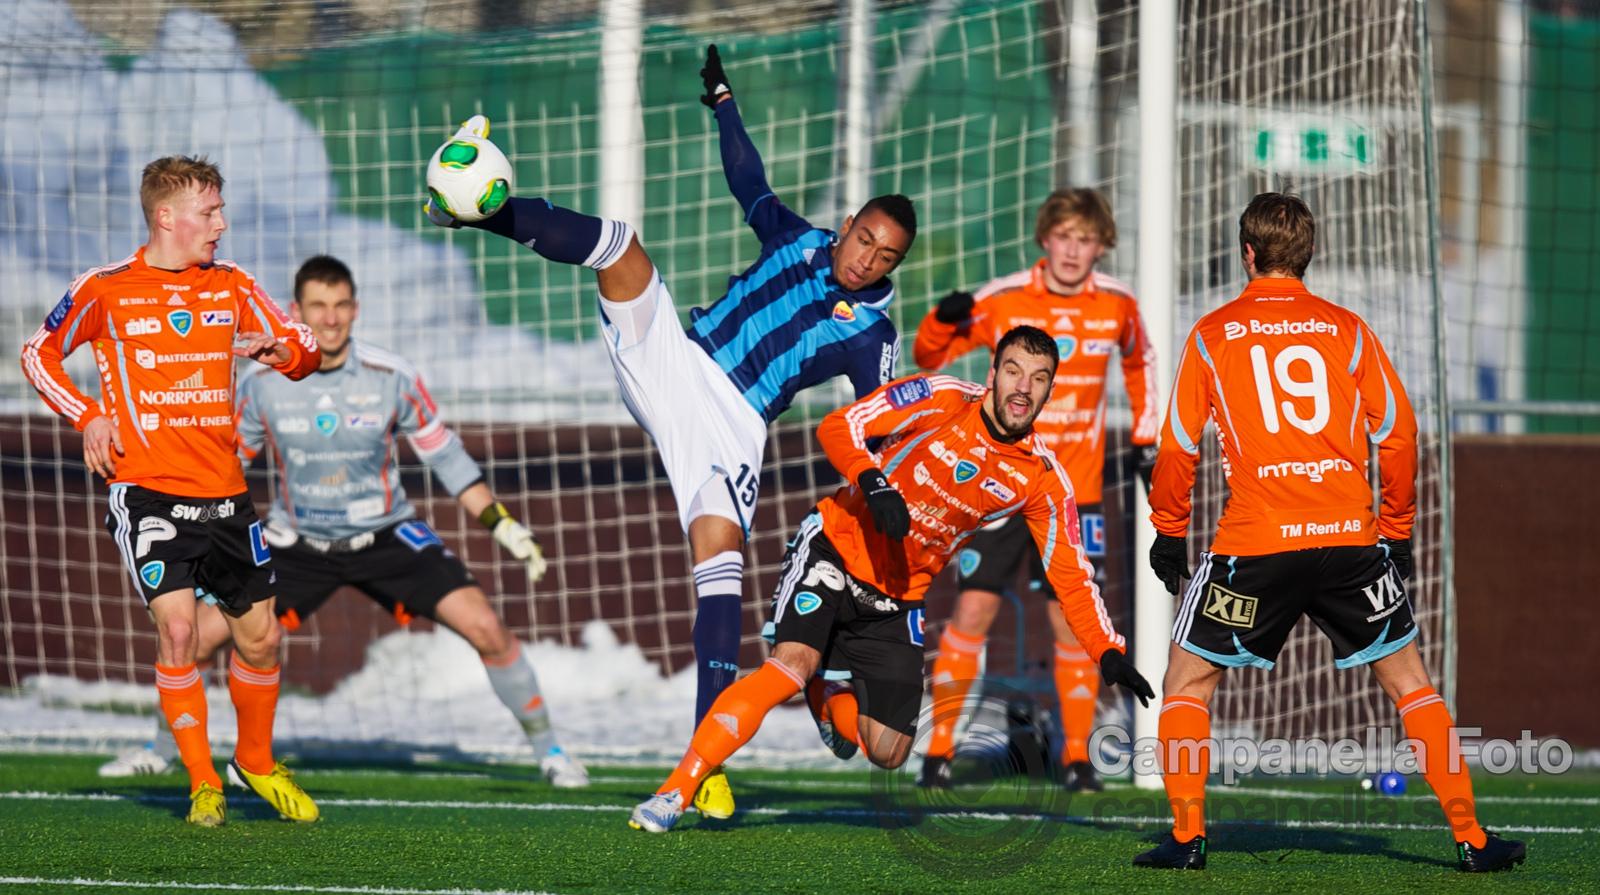 Djurgårdens IF Vs Umeå FC - 2013-03-03 - 2 of 8